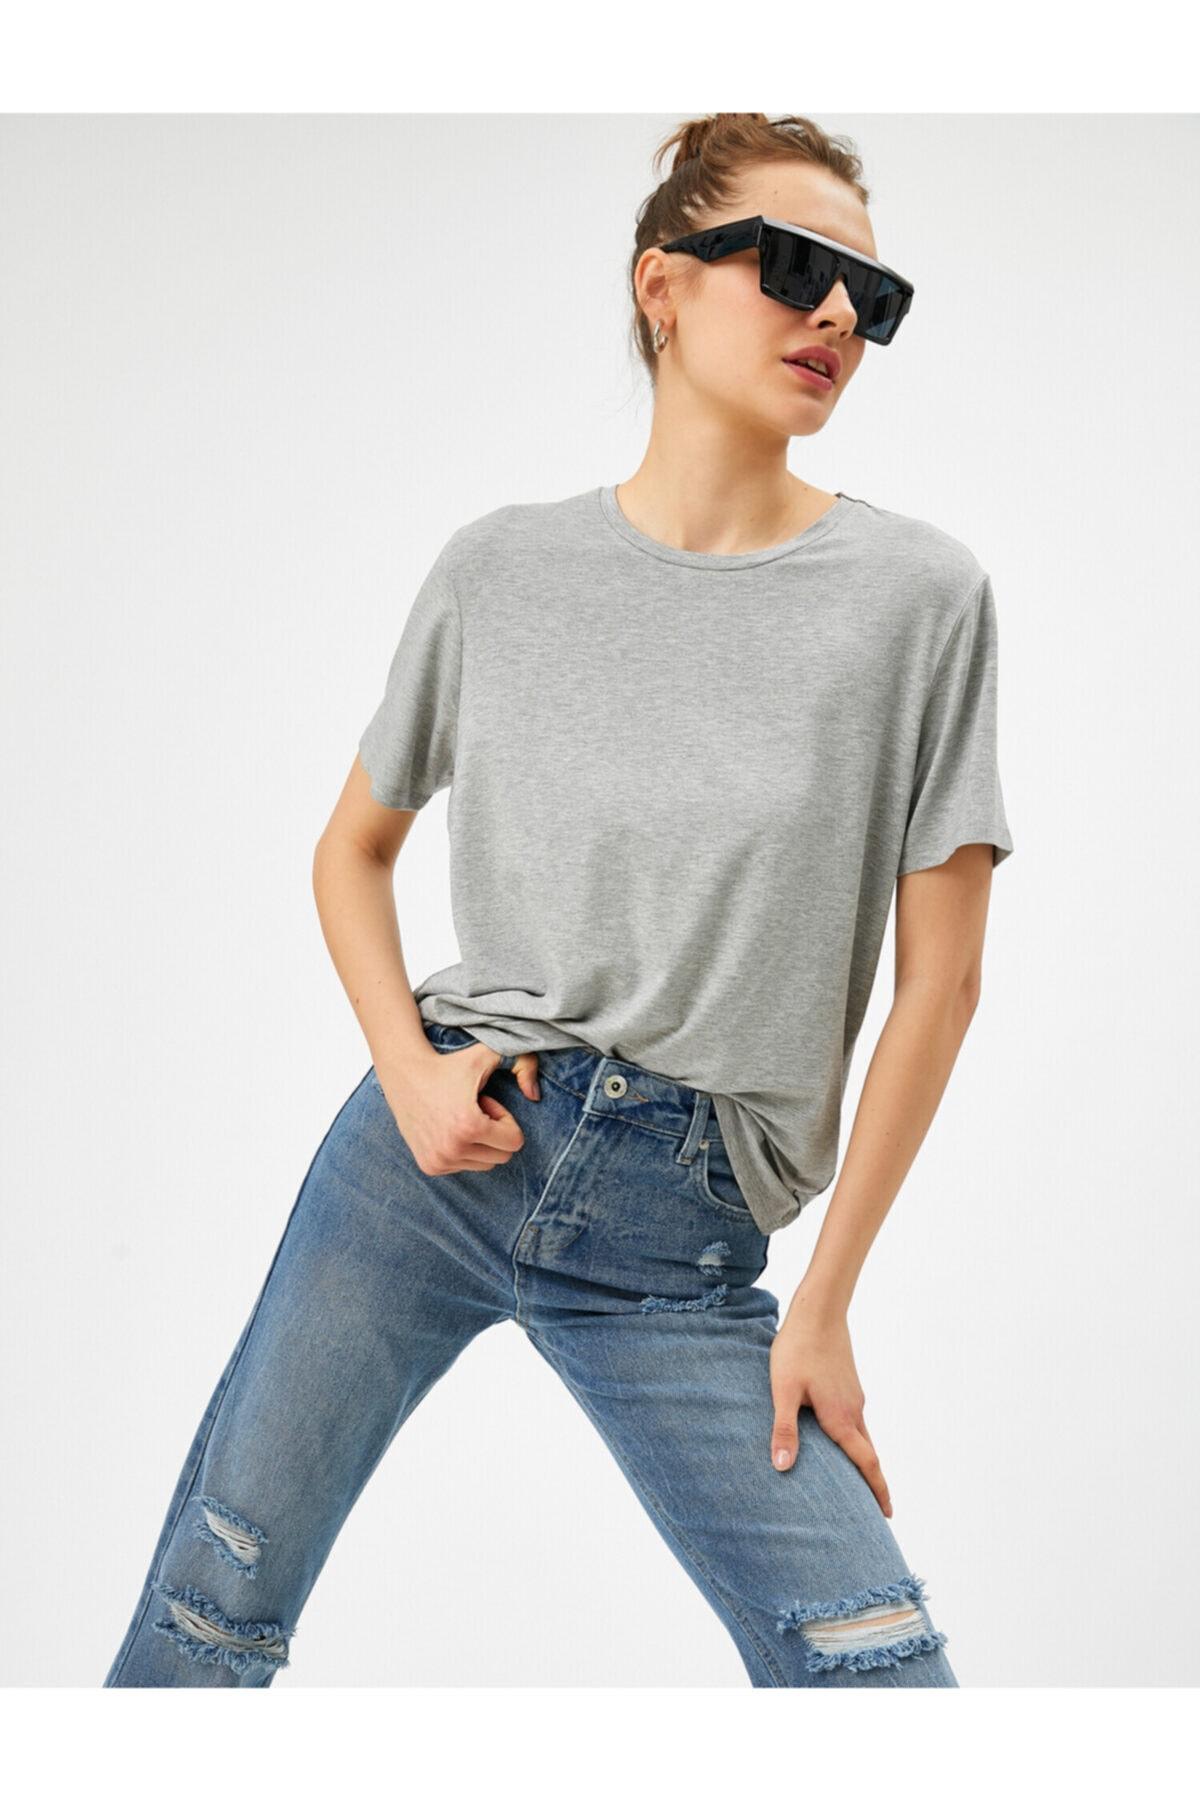 Kadın Gri Oversize T-Shirt